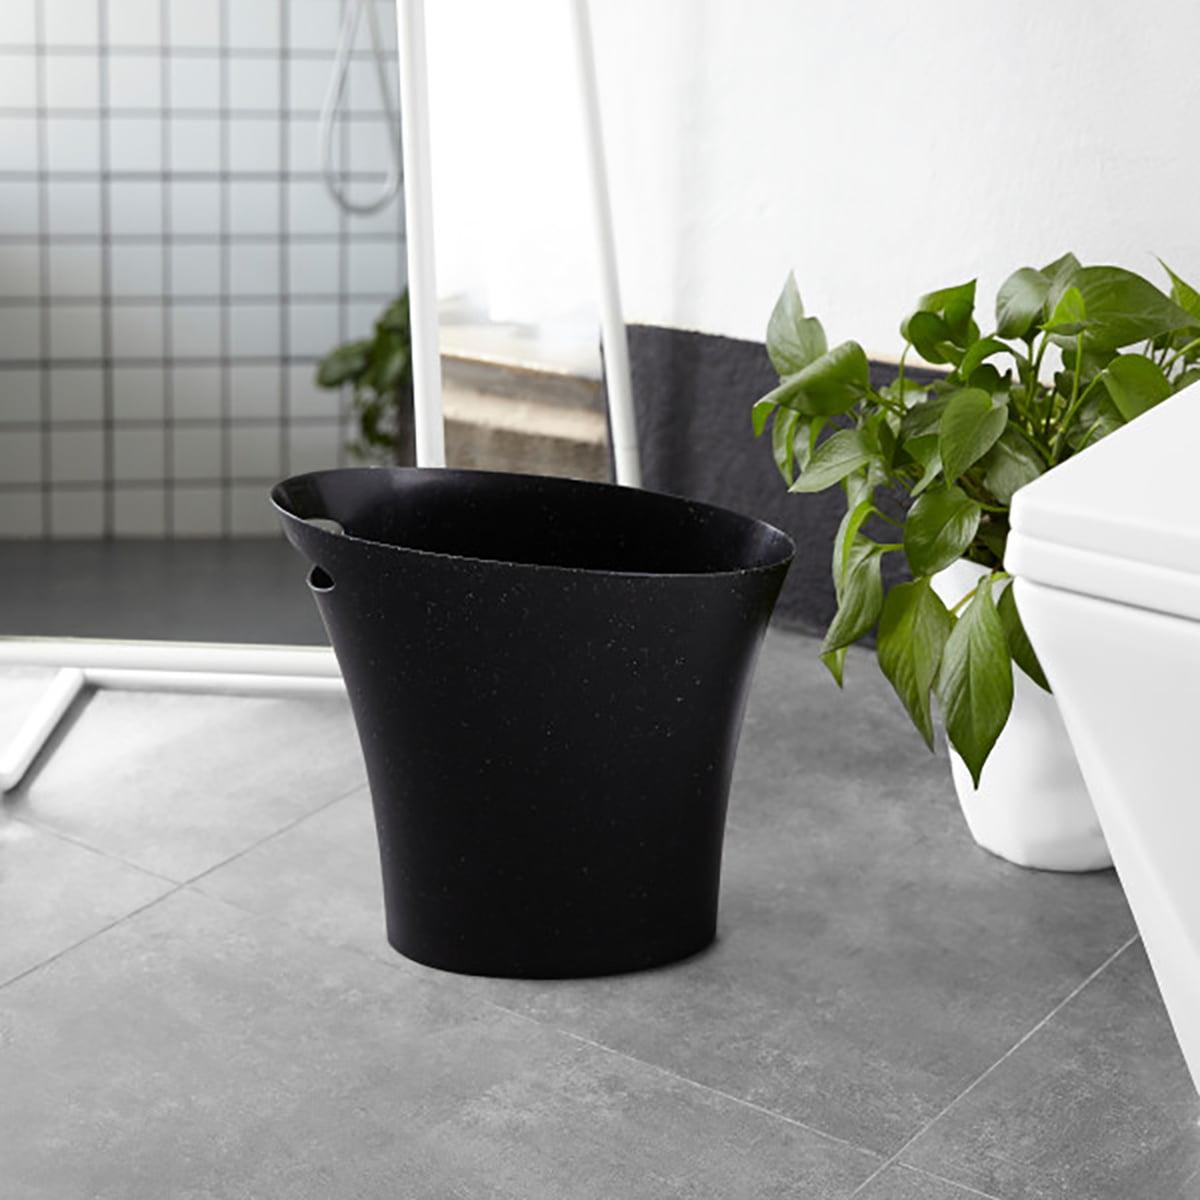 abfalleimer schmal perfect aus poco kauf weiss metal. Black Bedroom Furniture Sets. Home Design Ideas